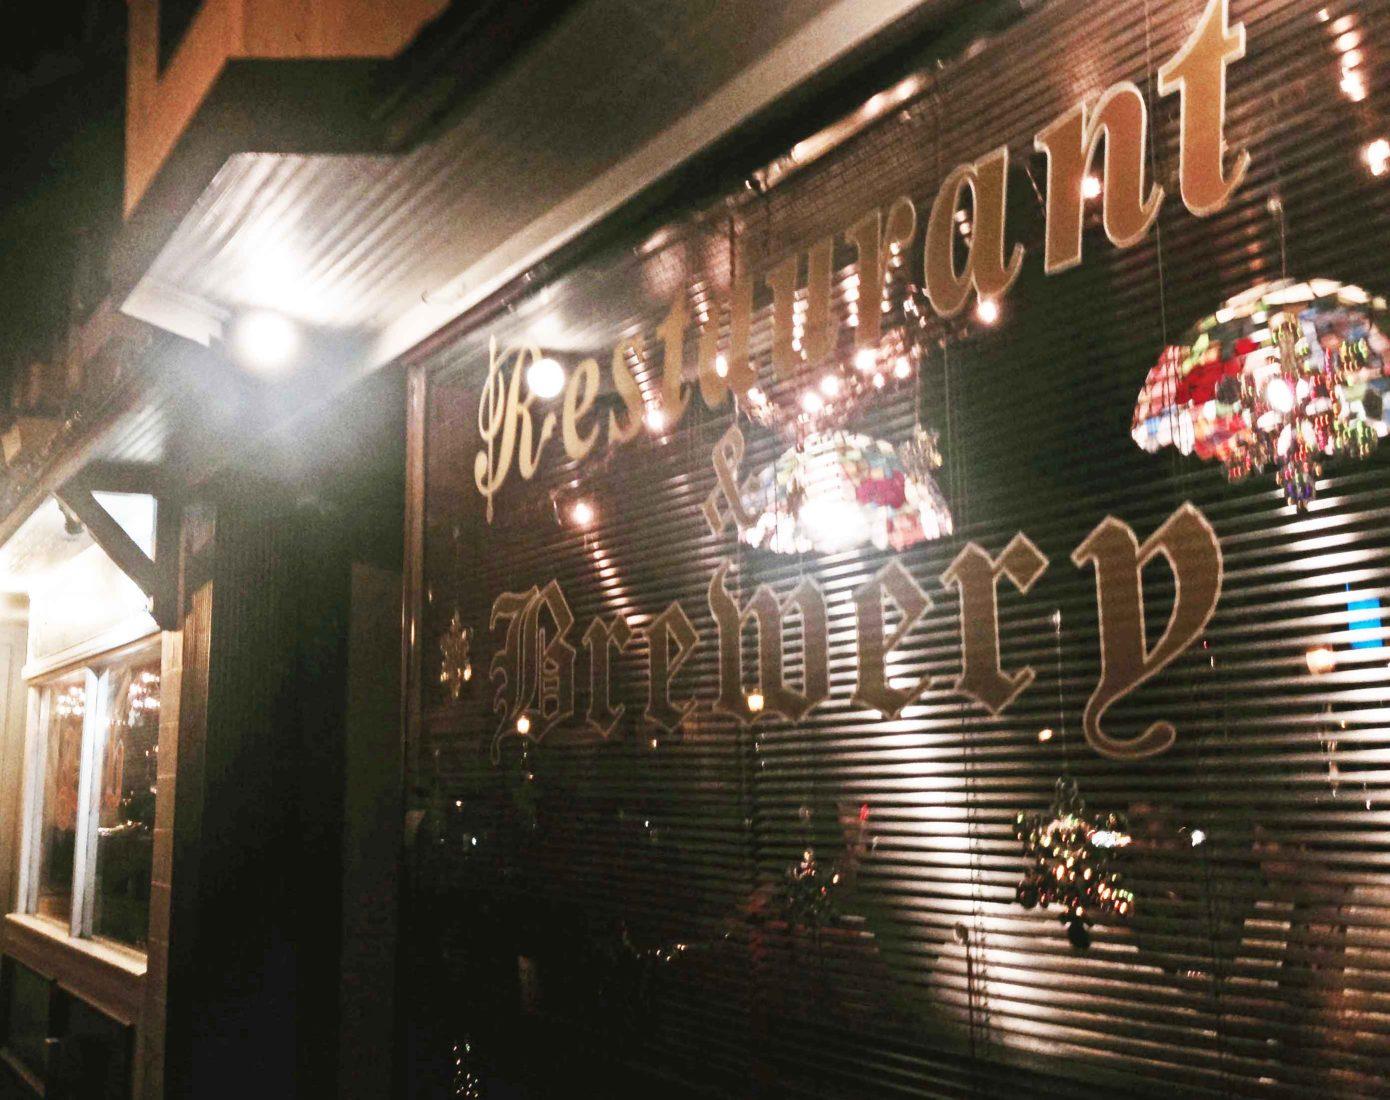 222. Market Cross Pub & Brewery, Carlisle PA 2014